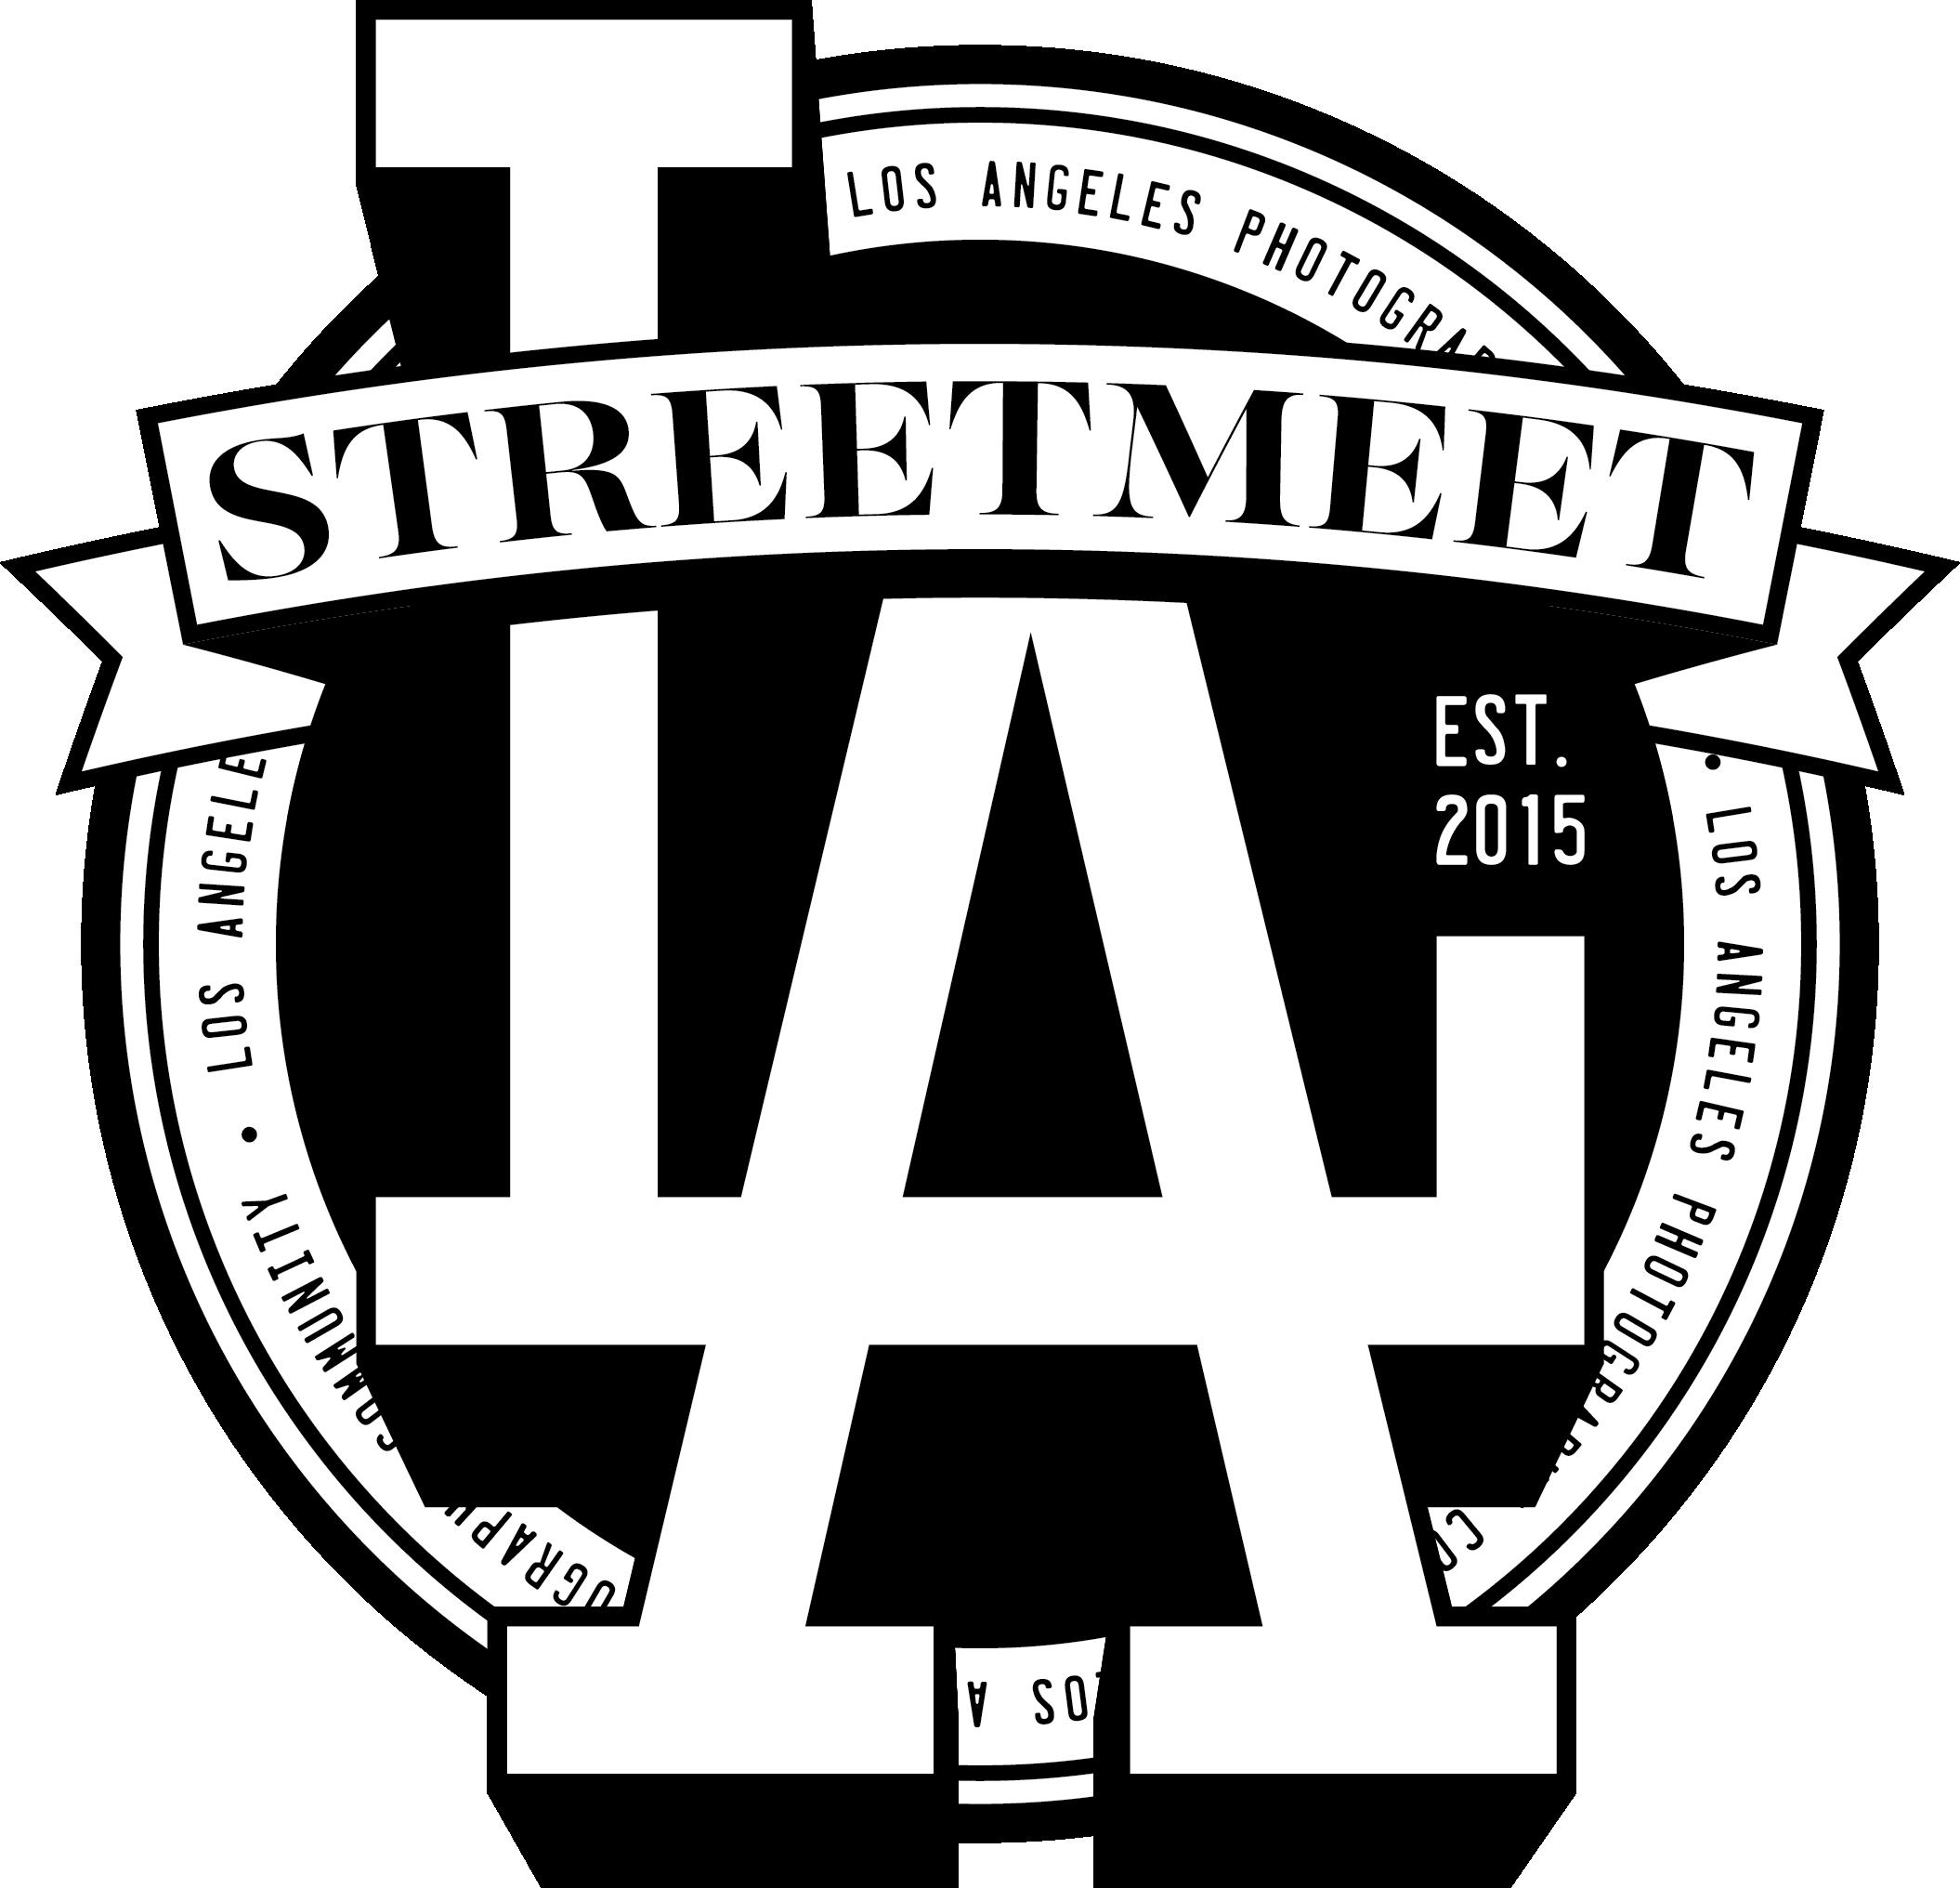 StreetMeetLA